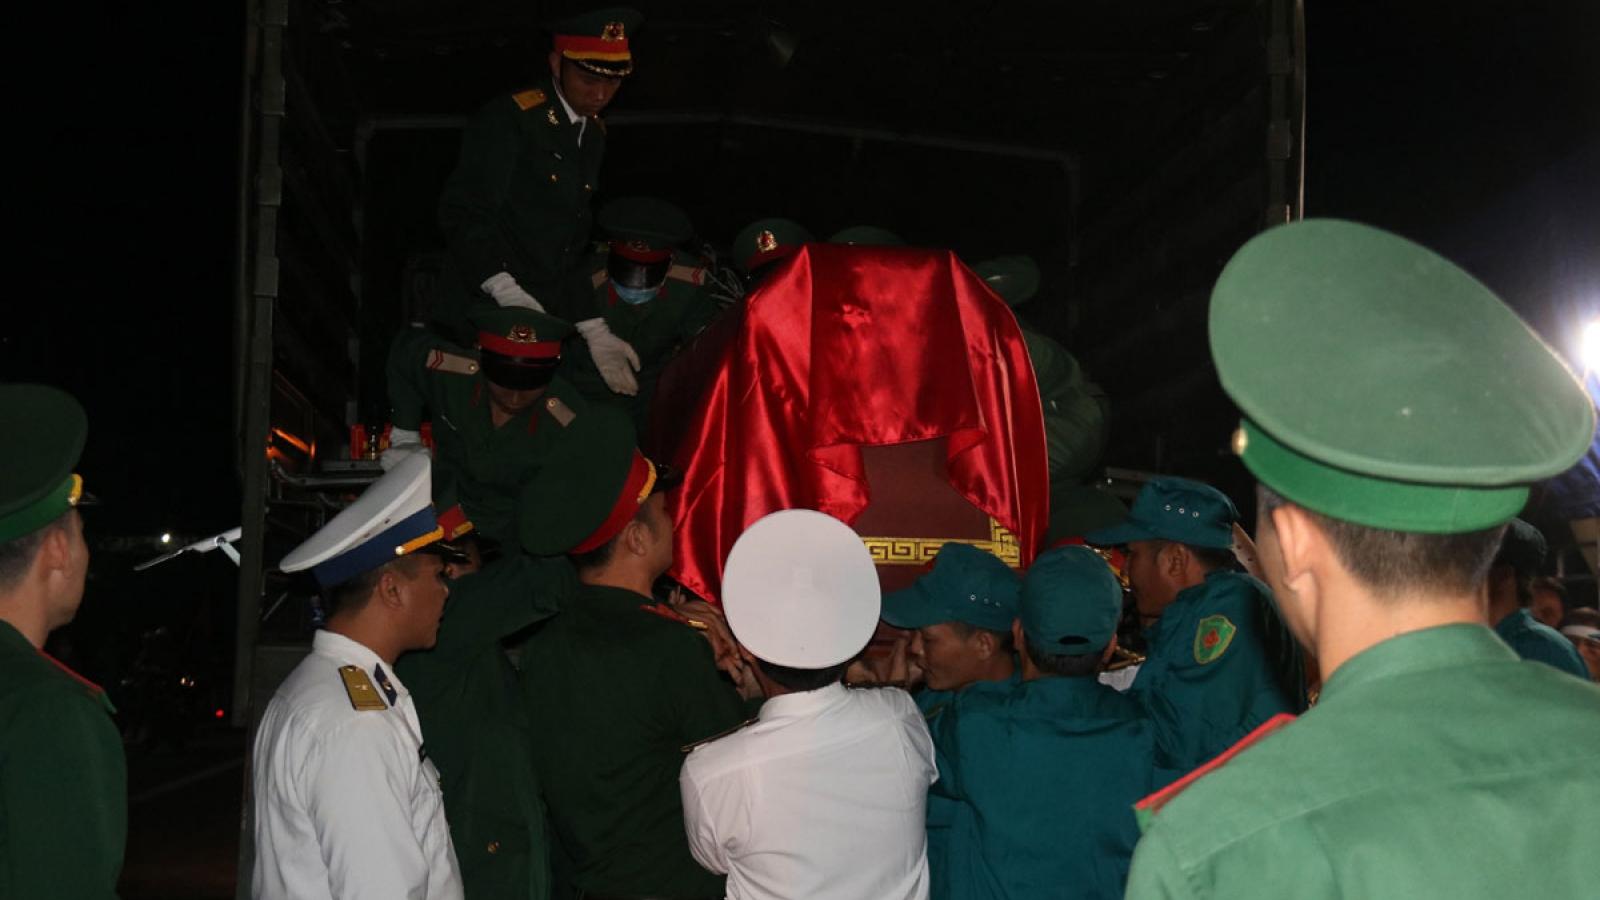 Liệt sĩ Đoàn 337: Con mệt rồi con ngủ chút bố nha, ngày mai còn cứu dân